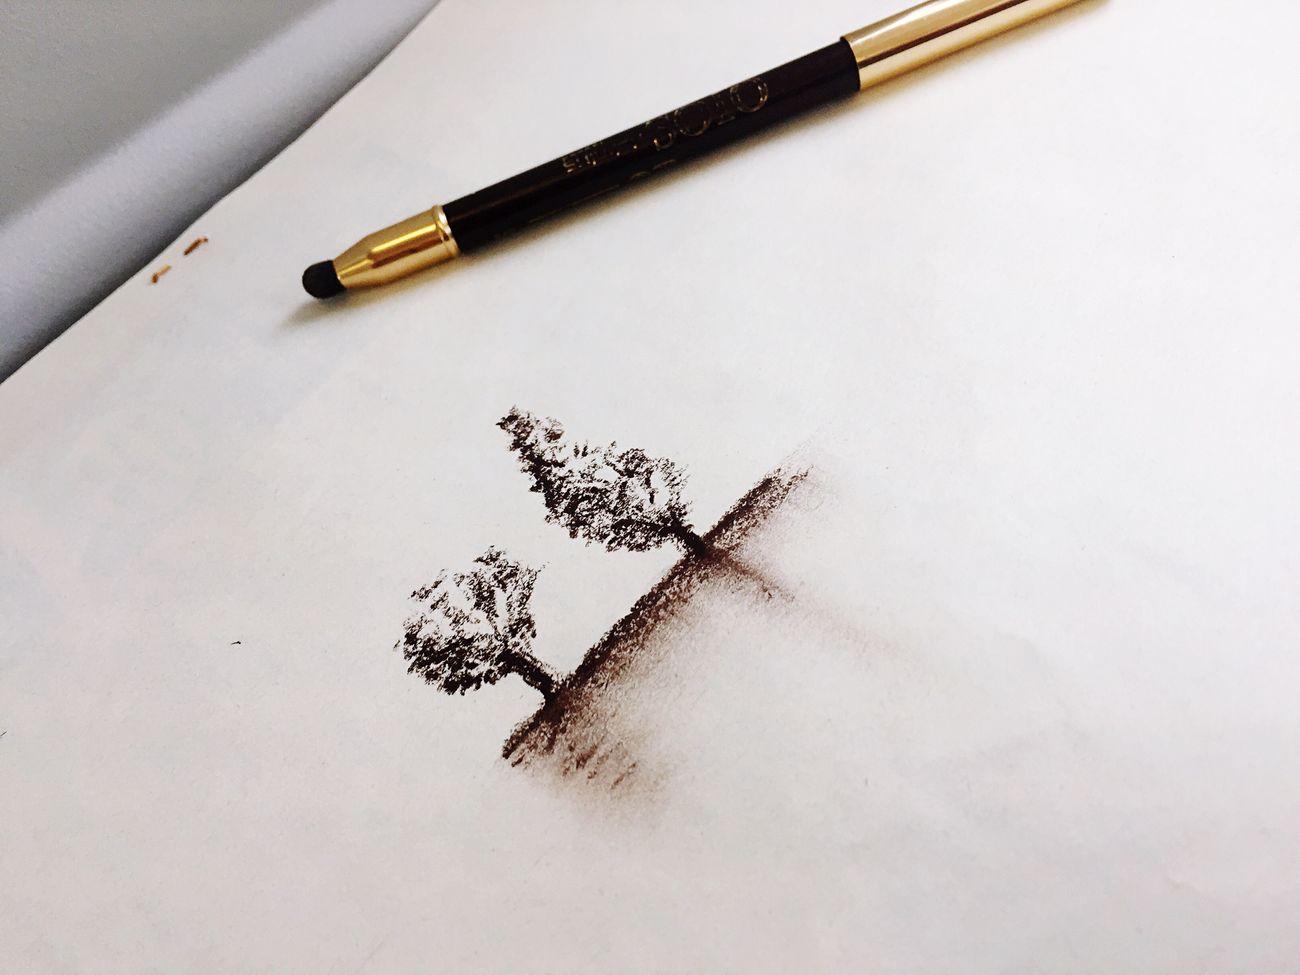 En pleno vuelo, papel y lápiz de ojos!!! Jajajaja by me...😂 Still Life No People Indoors  Table Paper Close-up Pencil Shavings Day